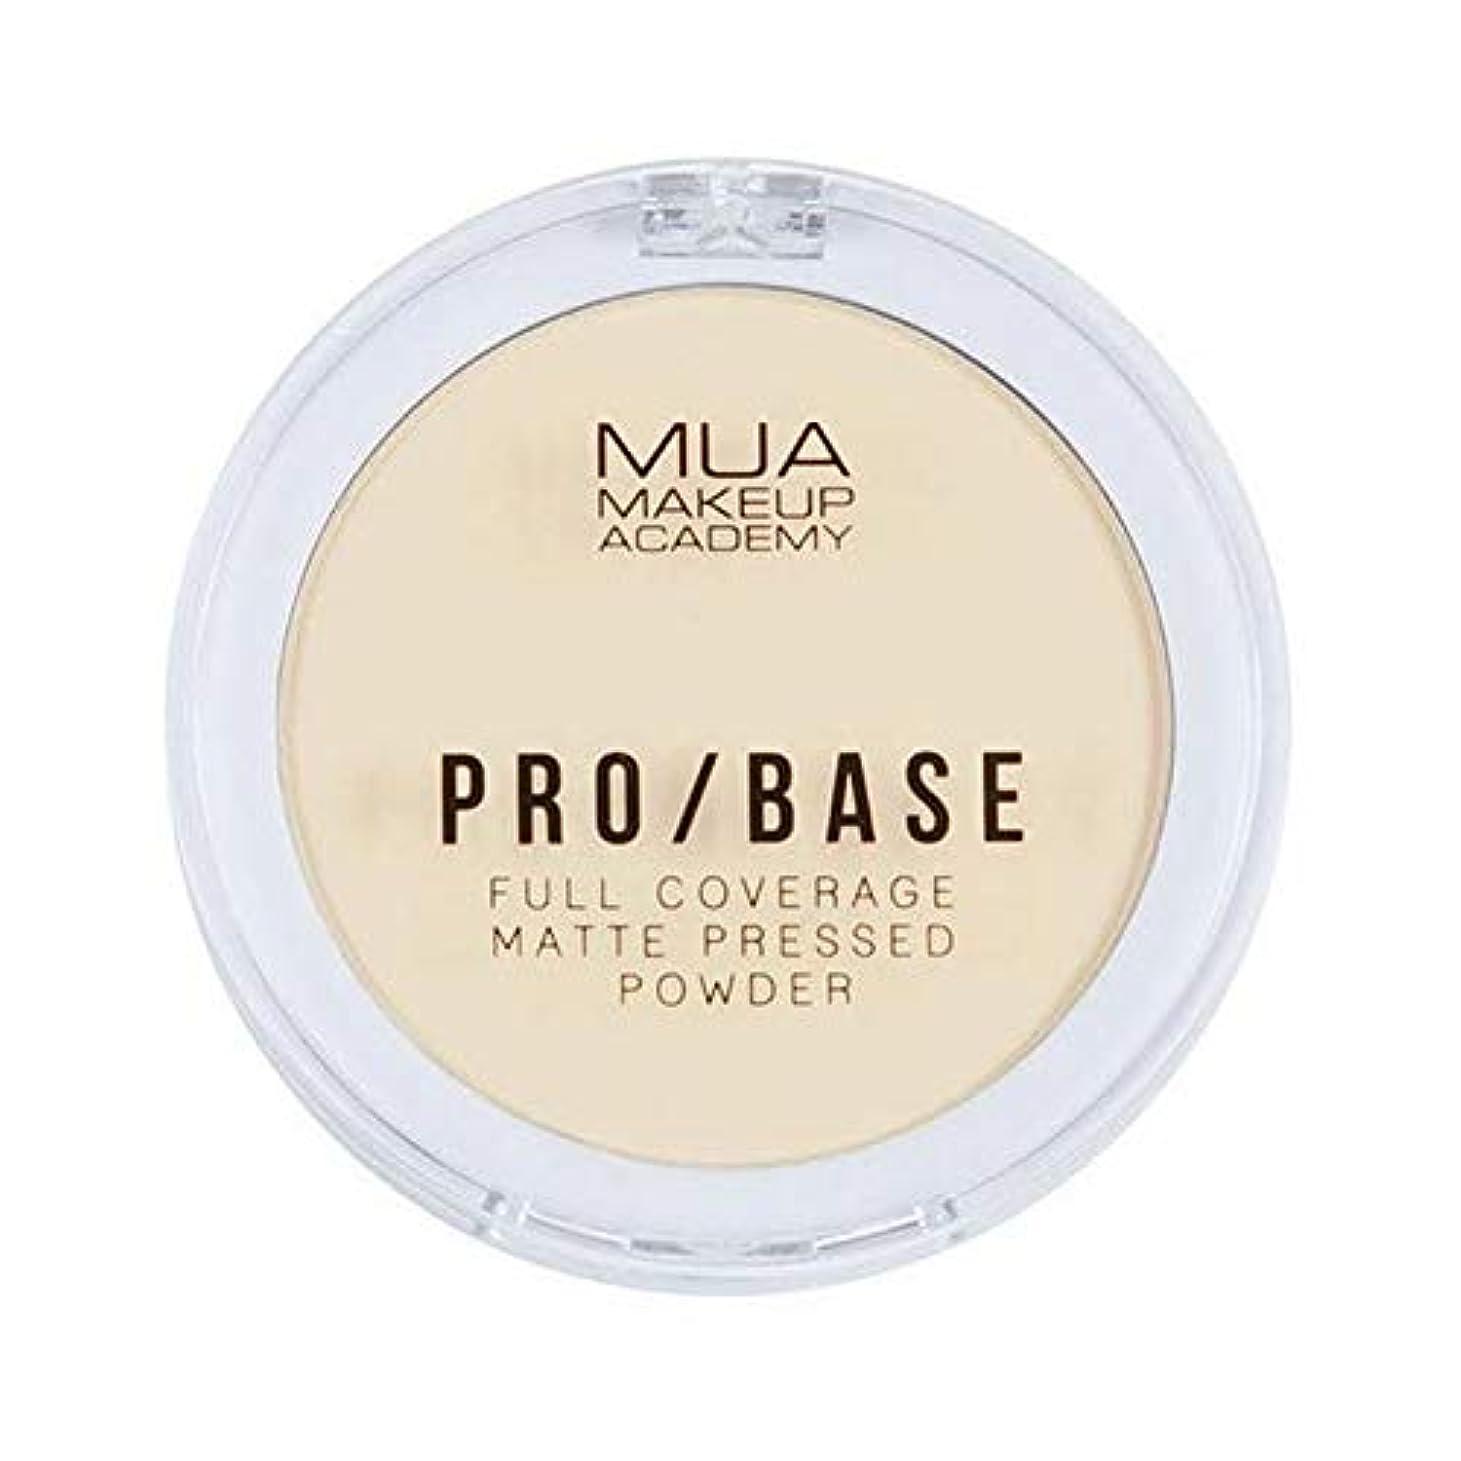 市民上に築きます好み[MUA] Muaプロ/ベースのフルカバレッジマットパウダー#100 - MUA Pro/Base Full Coverage Matte Powder #100 [並行輸入品]